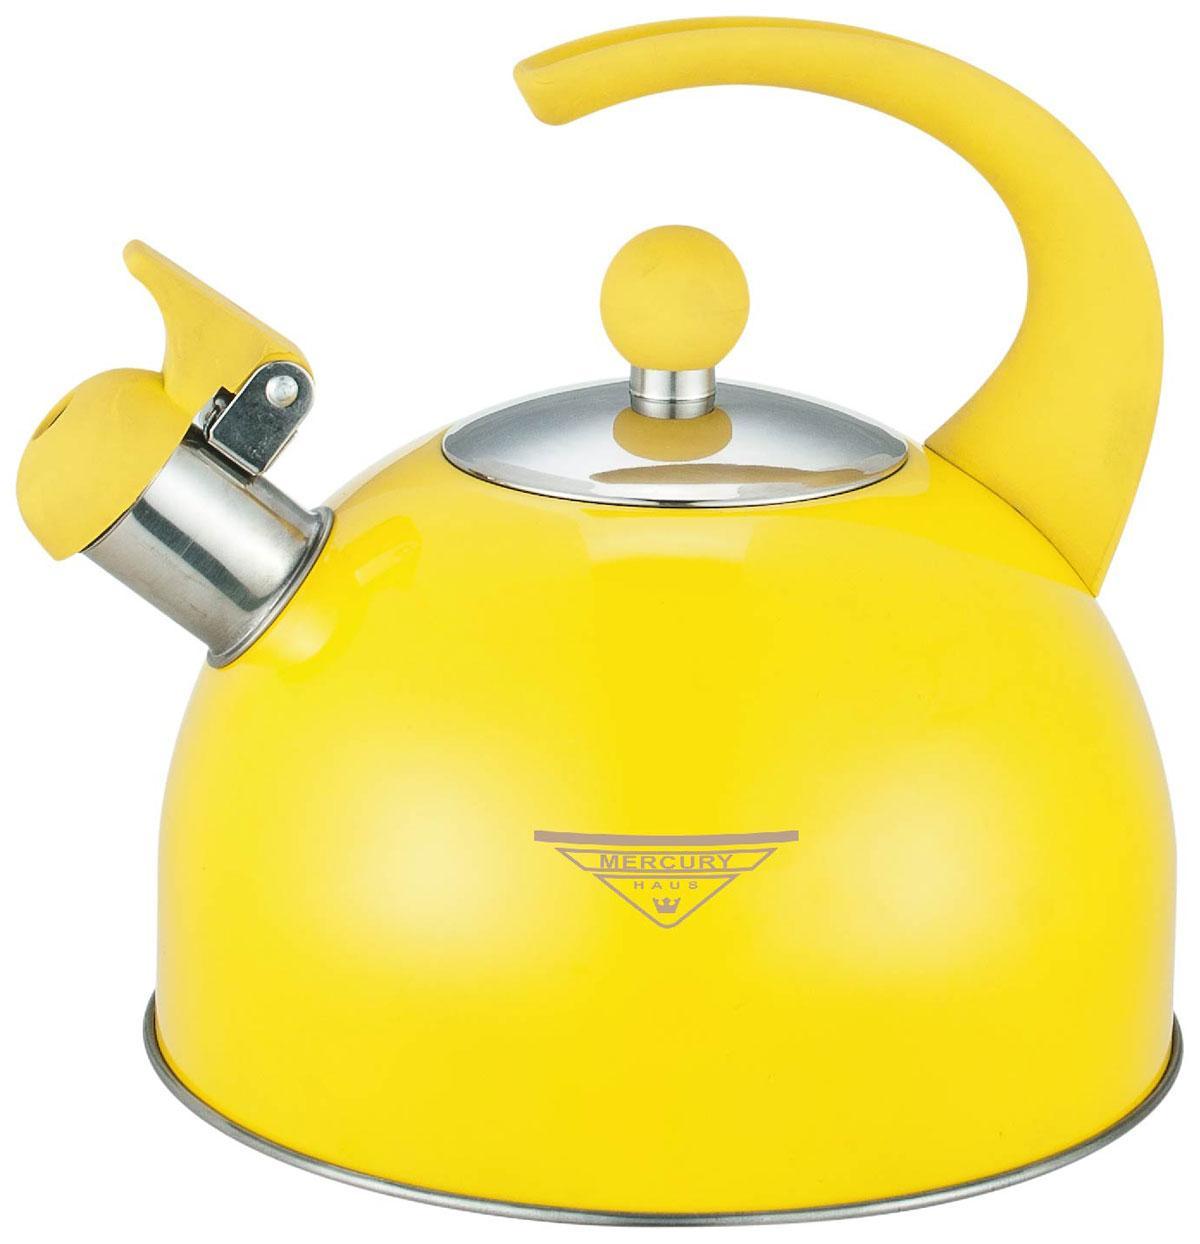 Чайник для плиты MercuryHaus MC-6603 (12) 2.5 л. со свистком